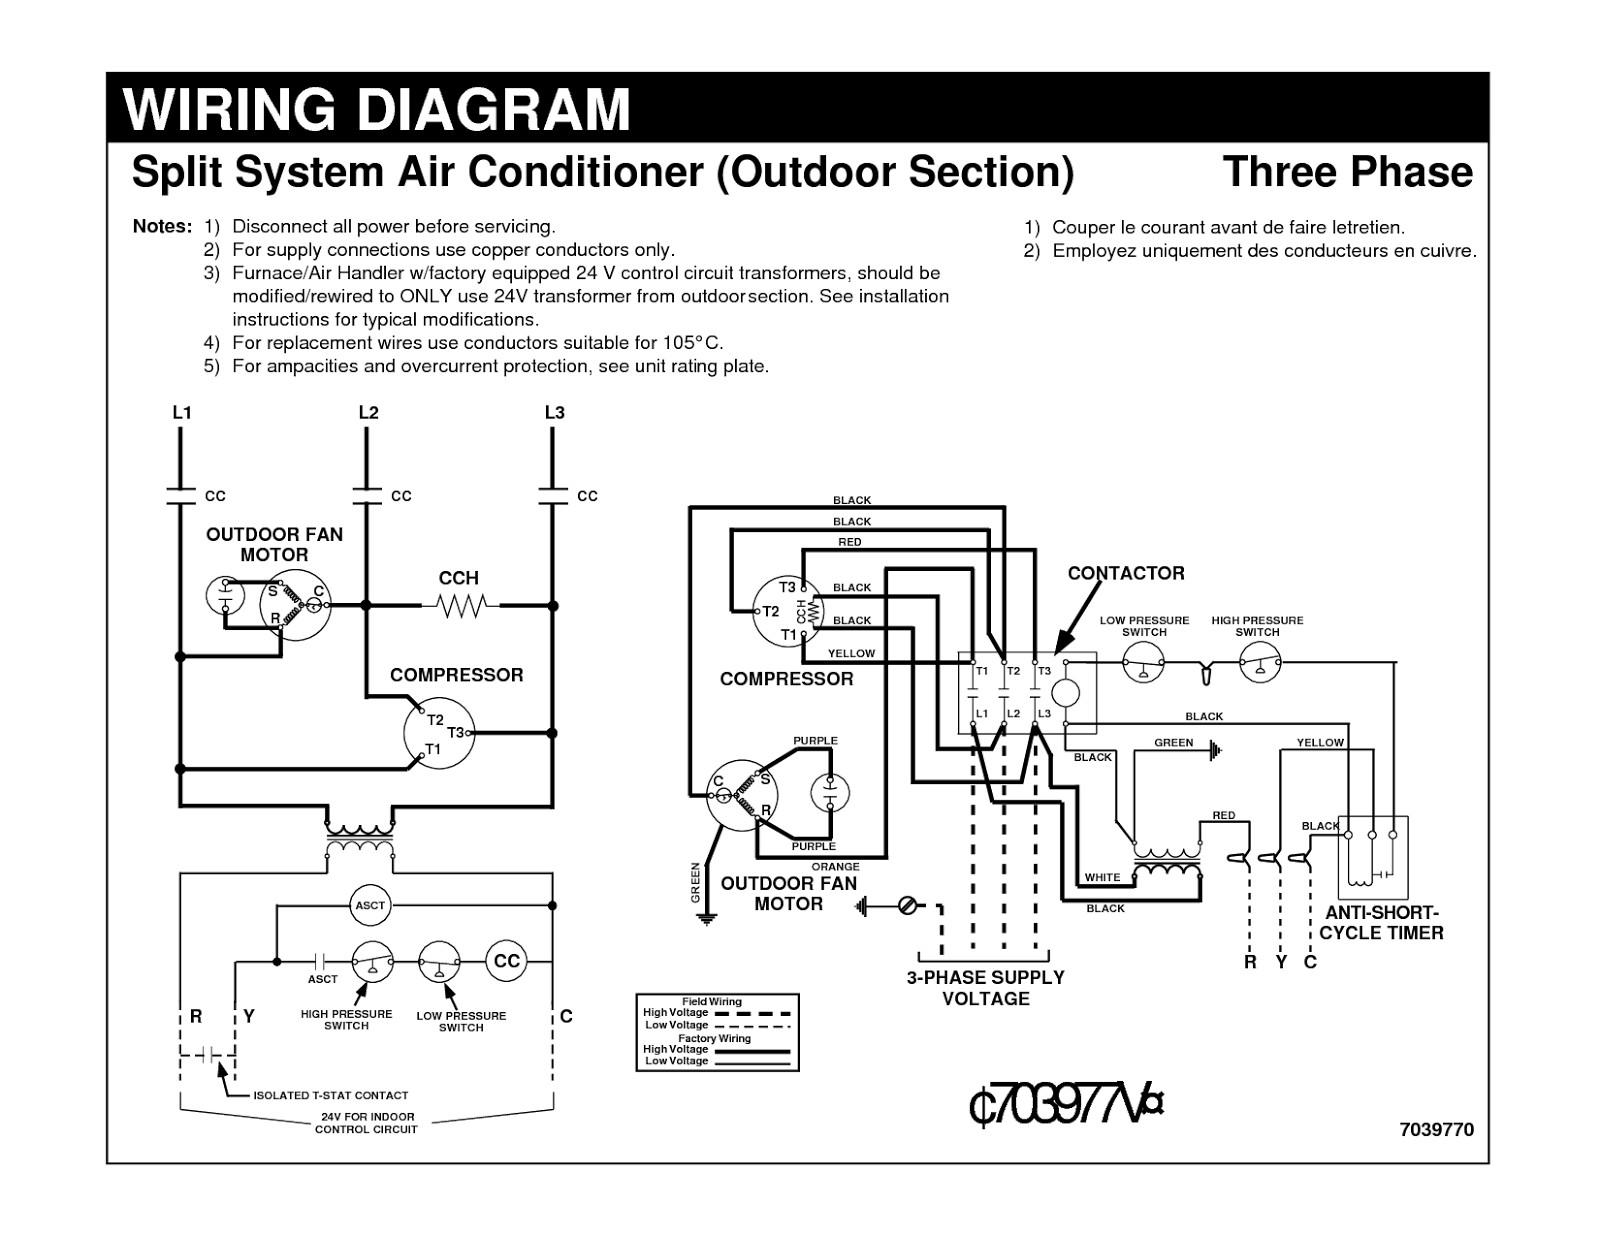 Car Air Conditioning Diagram Awesome Car Air Conditioning System Wiring Diagram Contemporary Of Car Air Conditioning Diagram